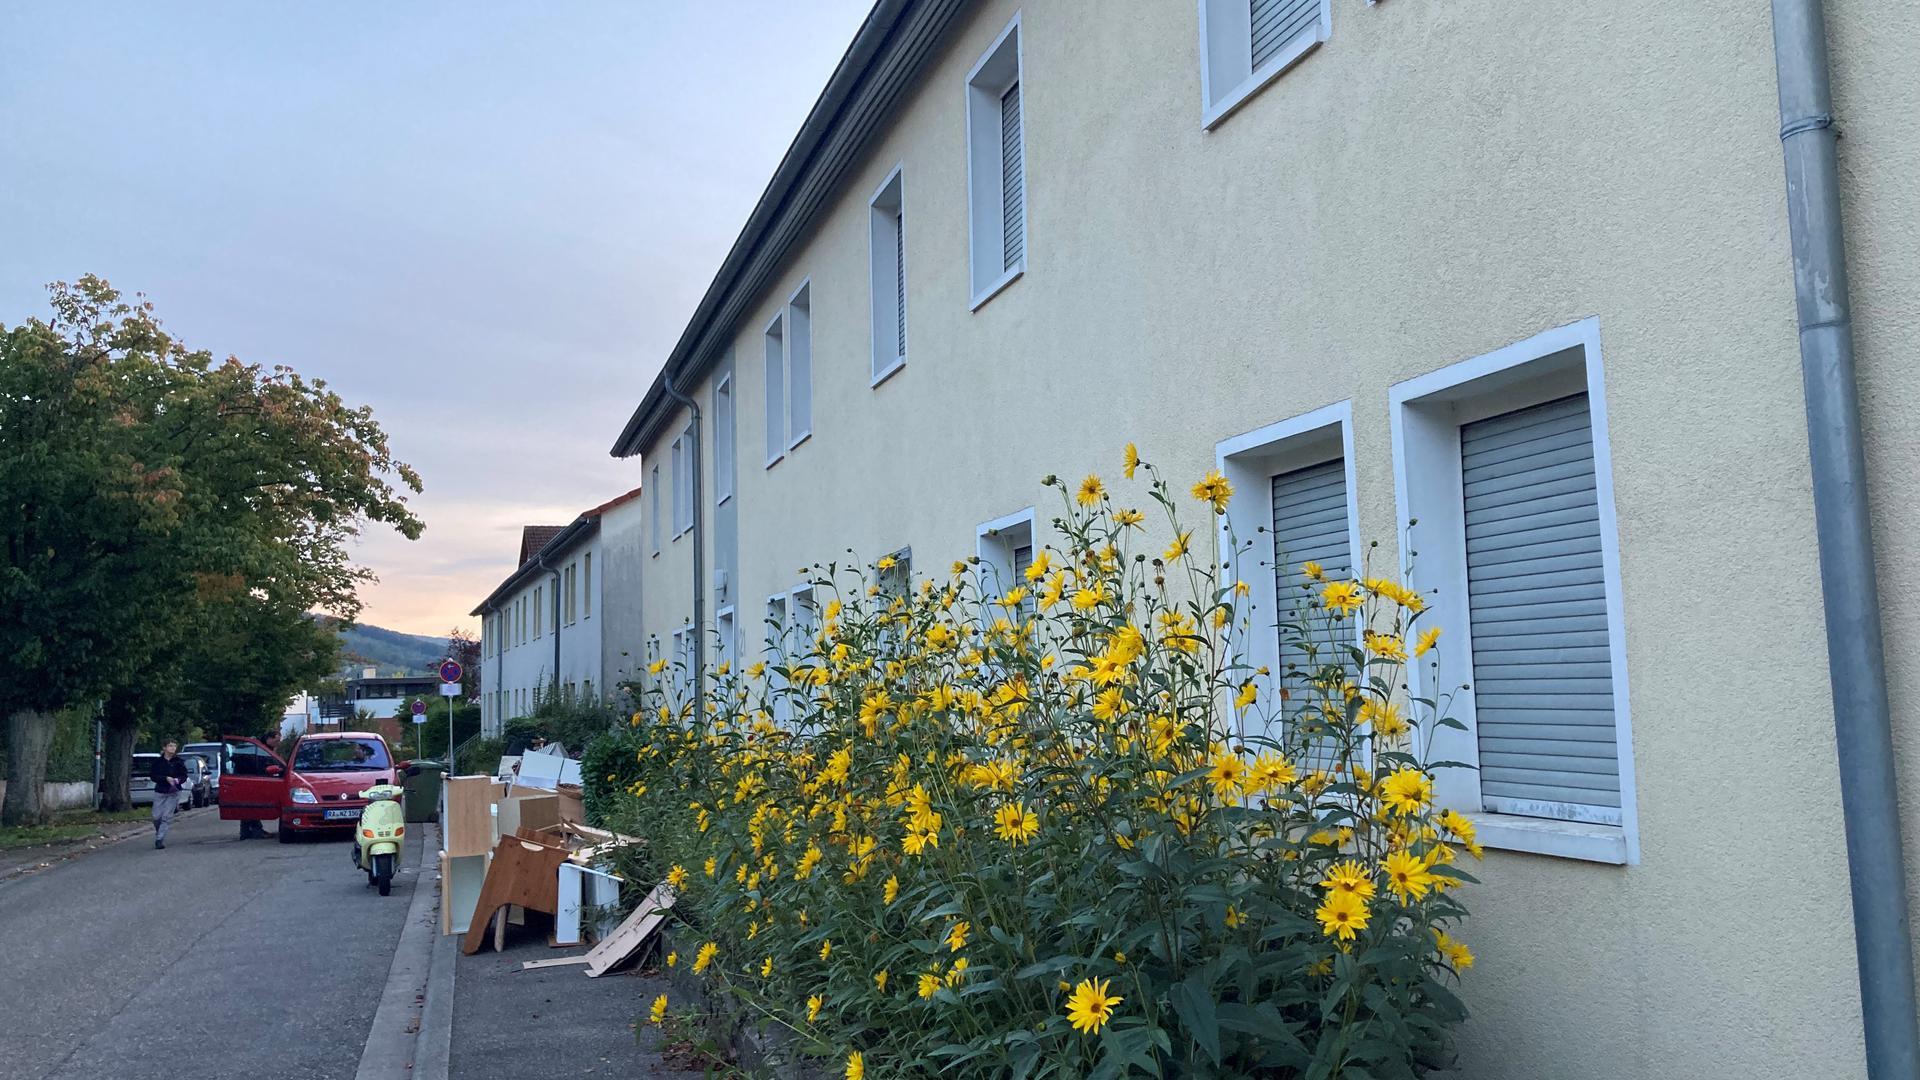 In den Wohnungen der Alba Baugenossenschaft in der Adolf-Kolping-Straße sind die Rollläden runtergelassen, vor den Fenstern wachsen Blumen in die Höhe.